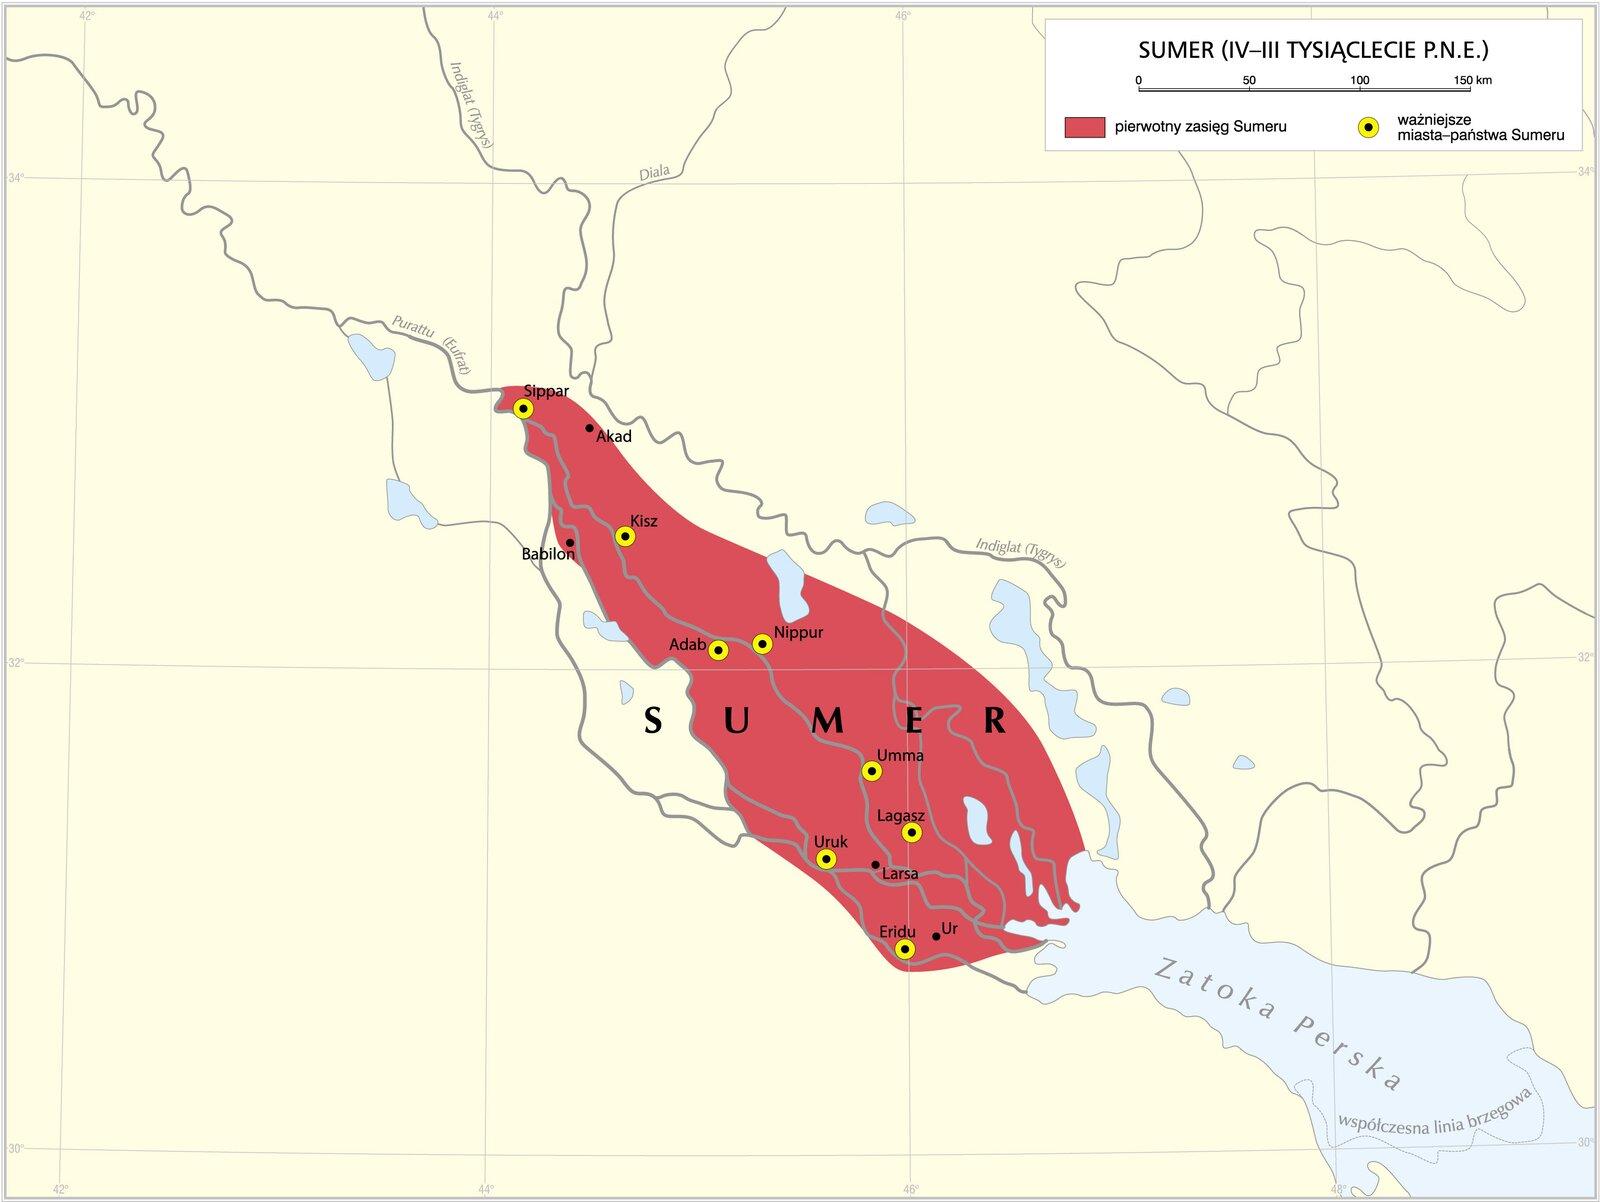 Mapa przedstawiająca zasięg państwa Sumer wdorzeczu rzek Tygrys iEufrat na Bliskim Wschodzie.